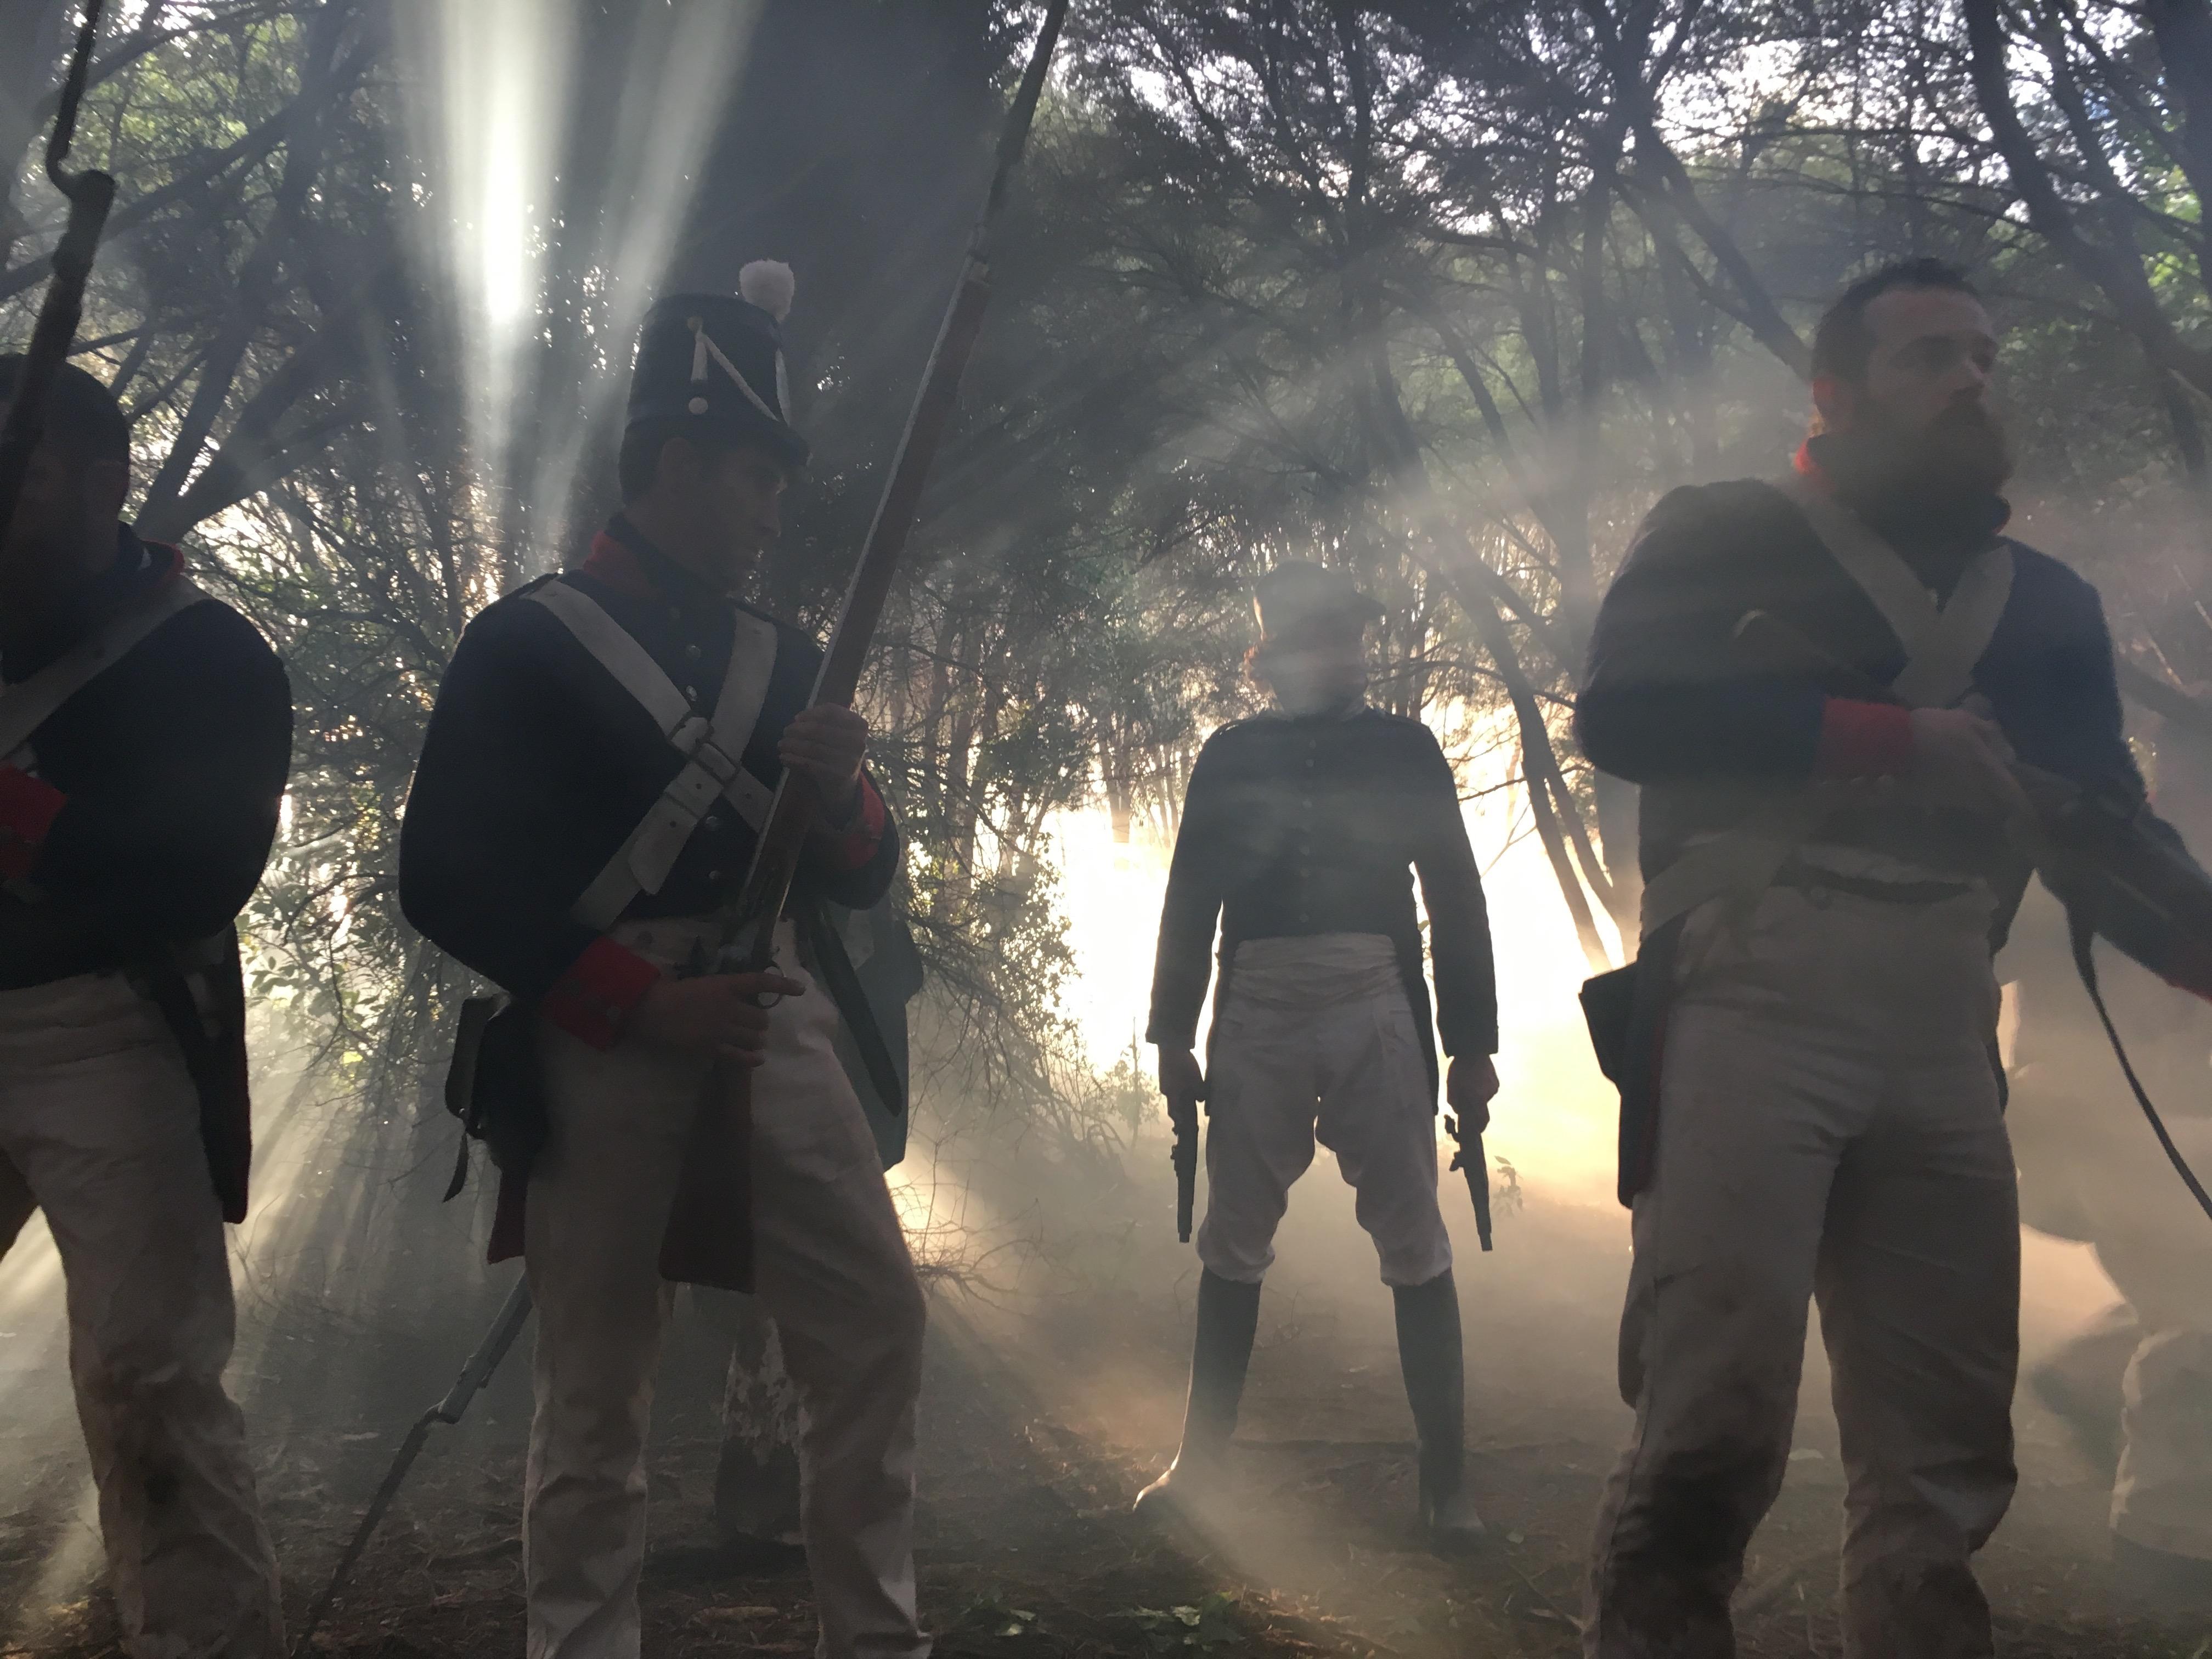 frontiersoldierforest